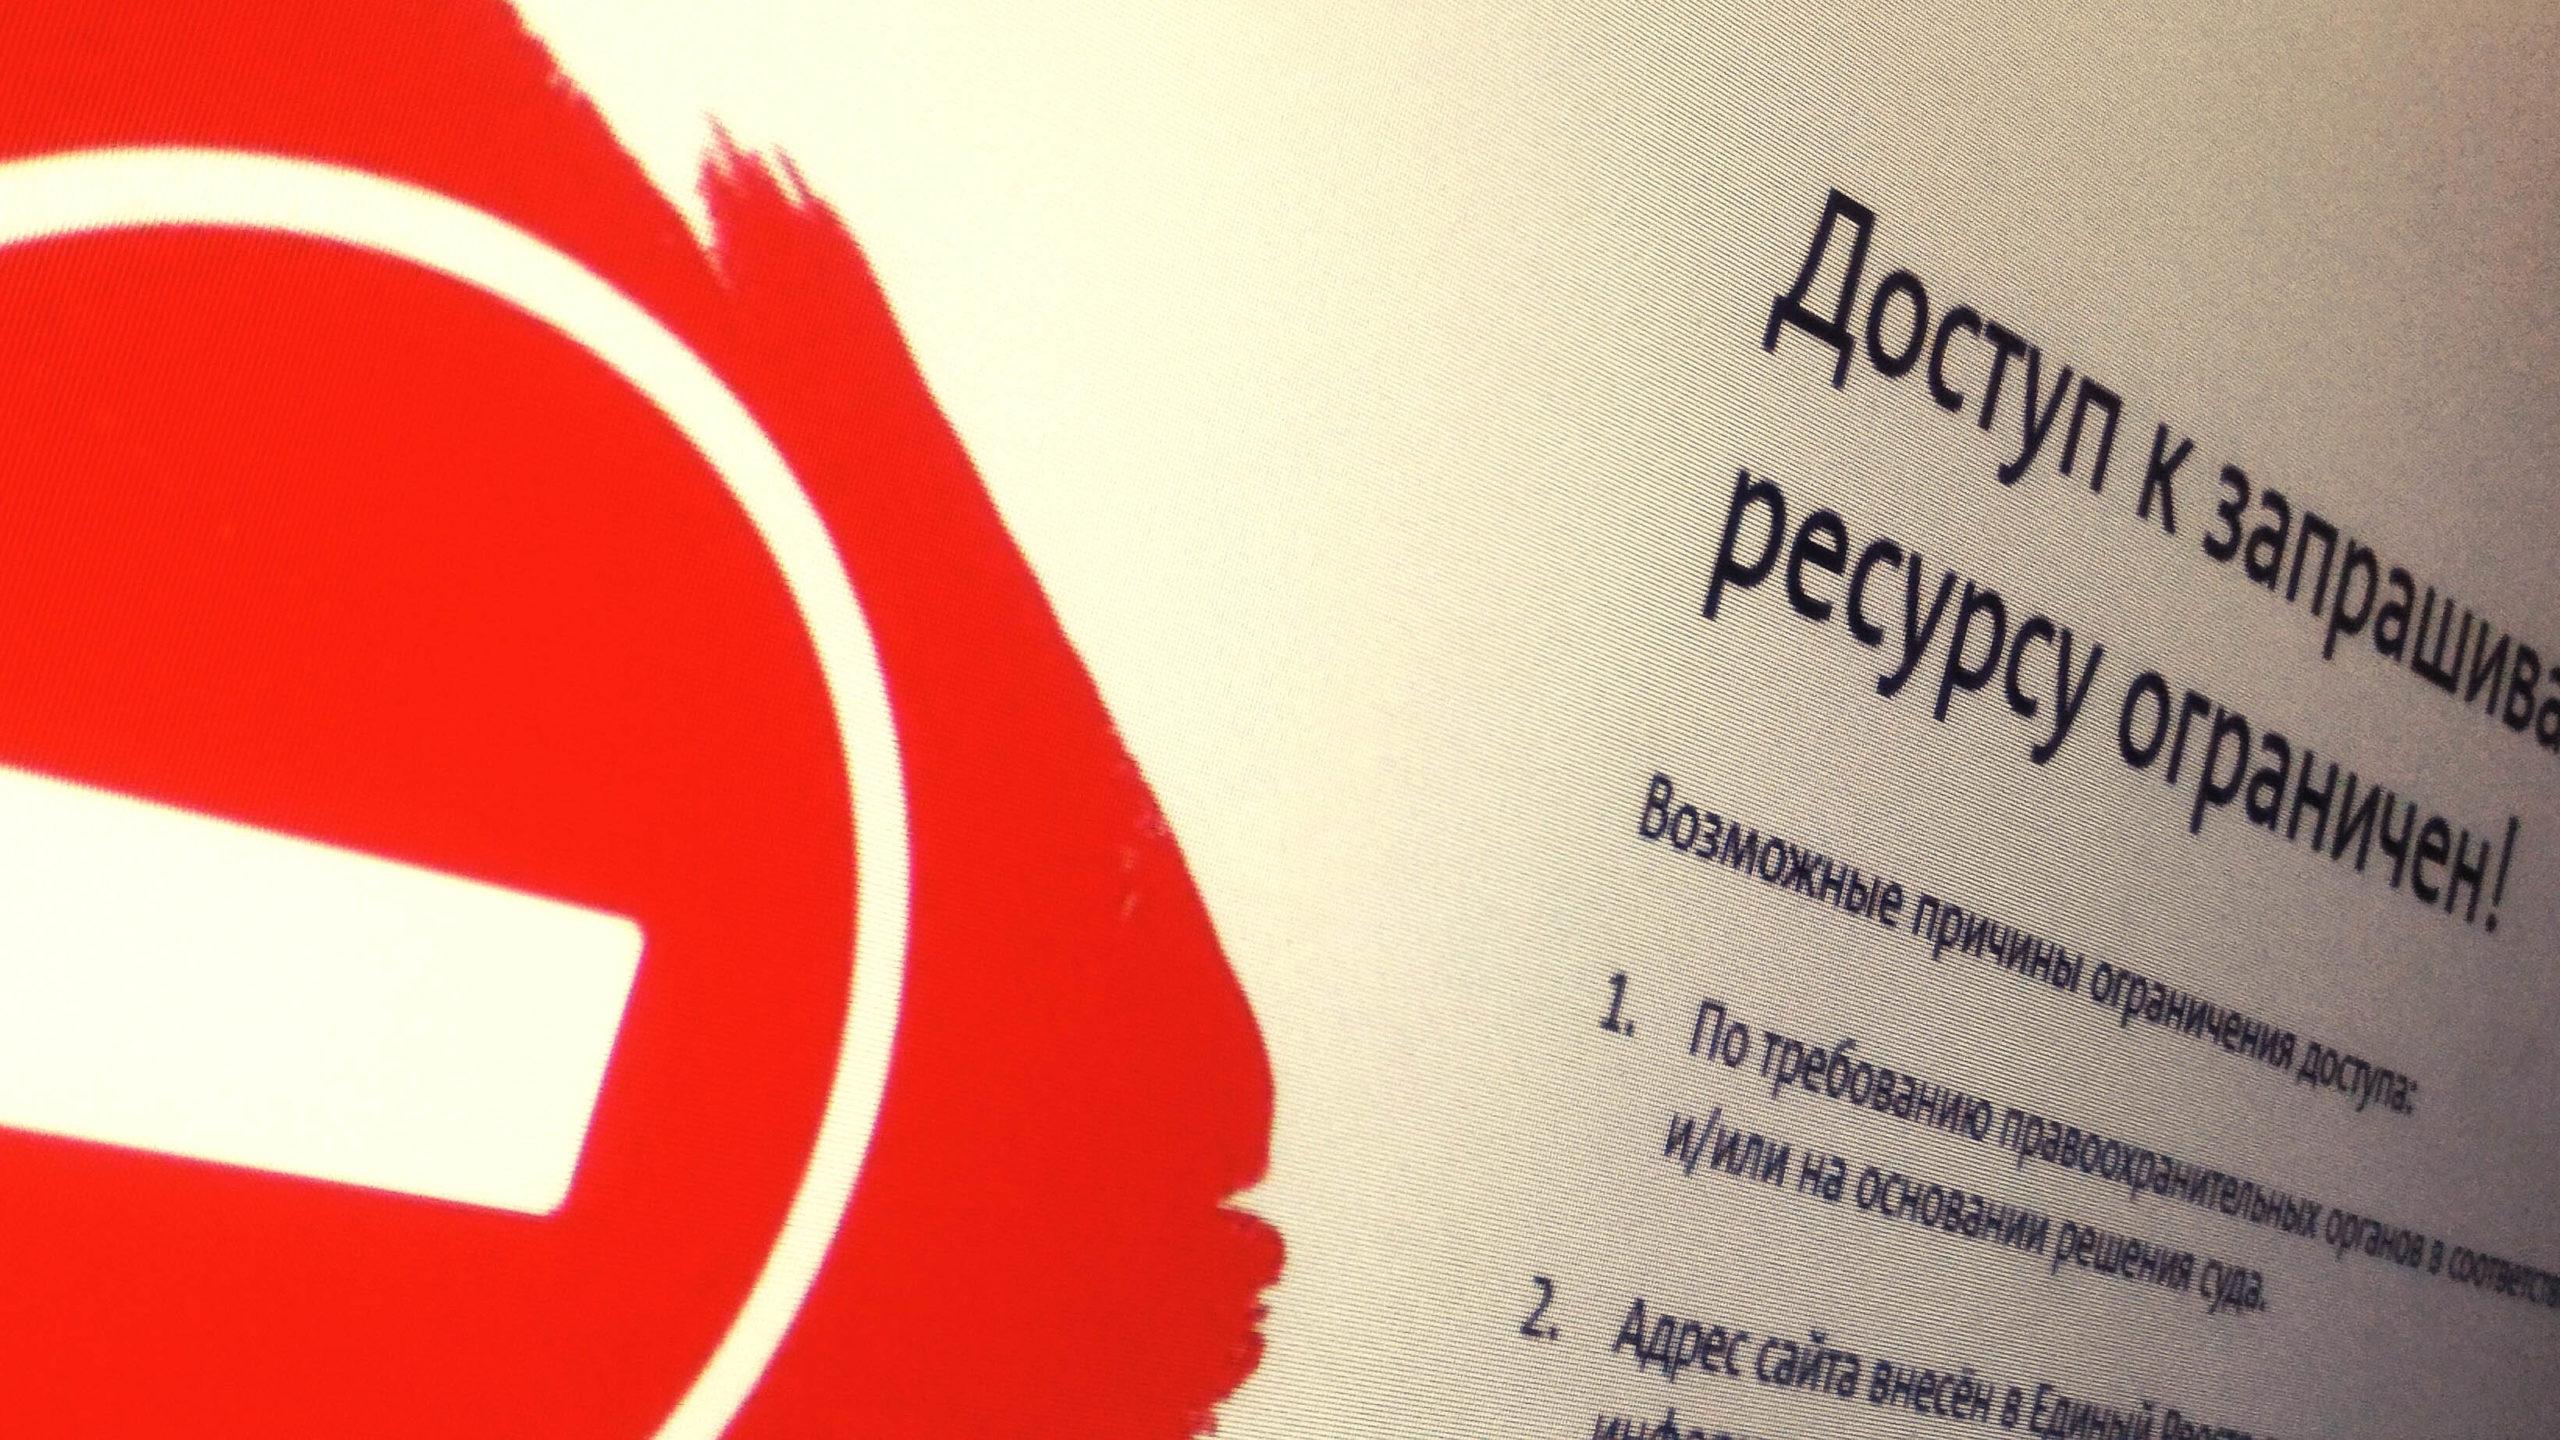 По решению суда Тверской области заблокированы несколько сомнительных сайтов